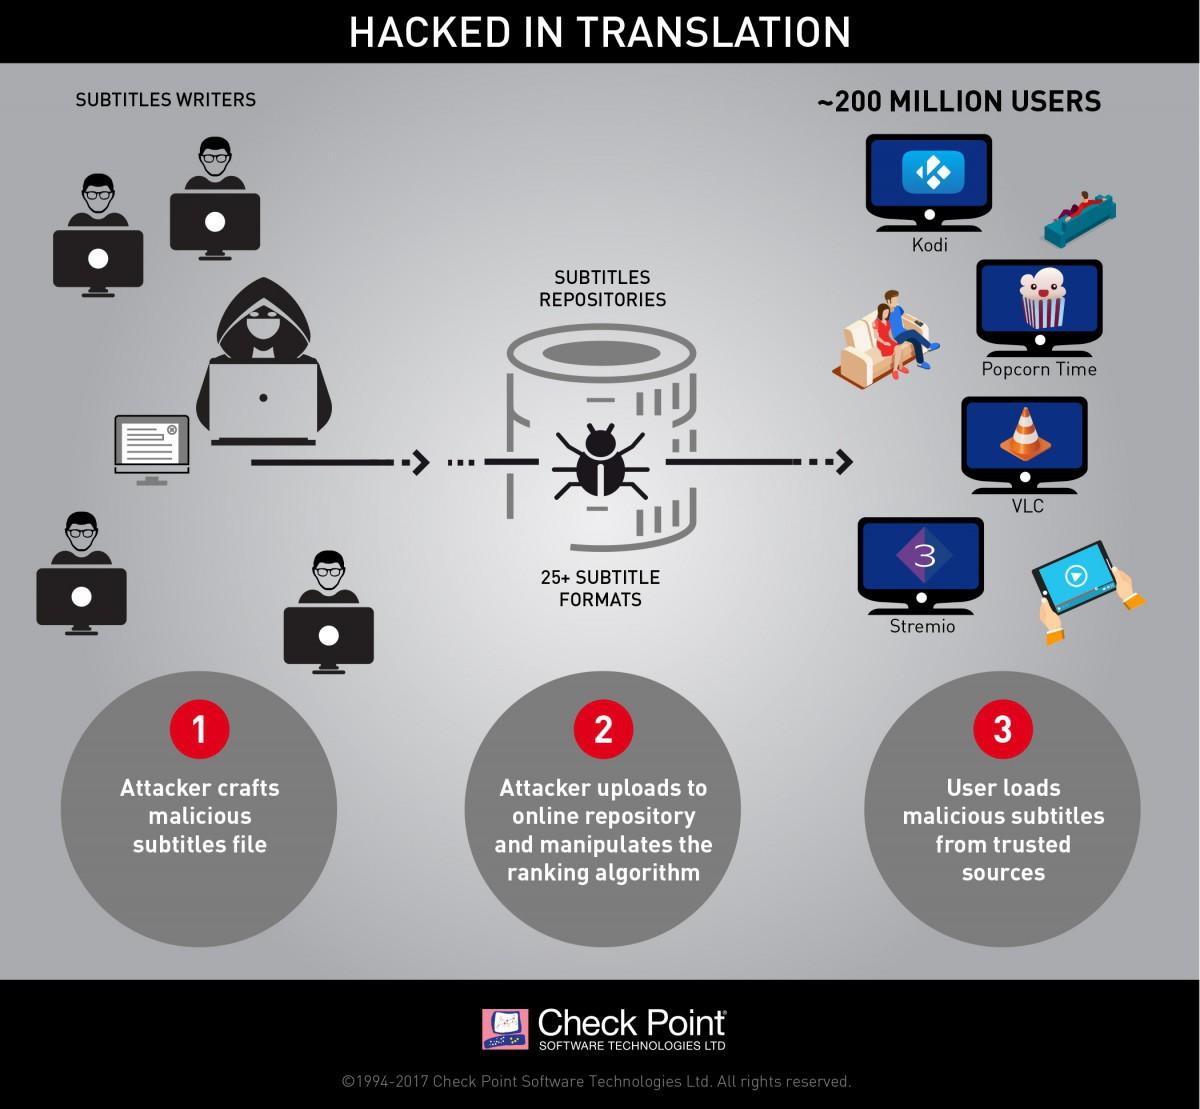 Специалисты компании Check Point опубликовали отчет, в котором говорится о вирусе с новой технологией распространения через субтитры к фильмам. Под угрозой заражения находится около 200 миллионов пользователей.